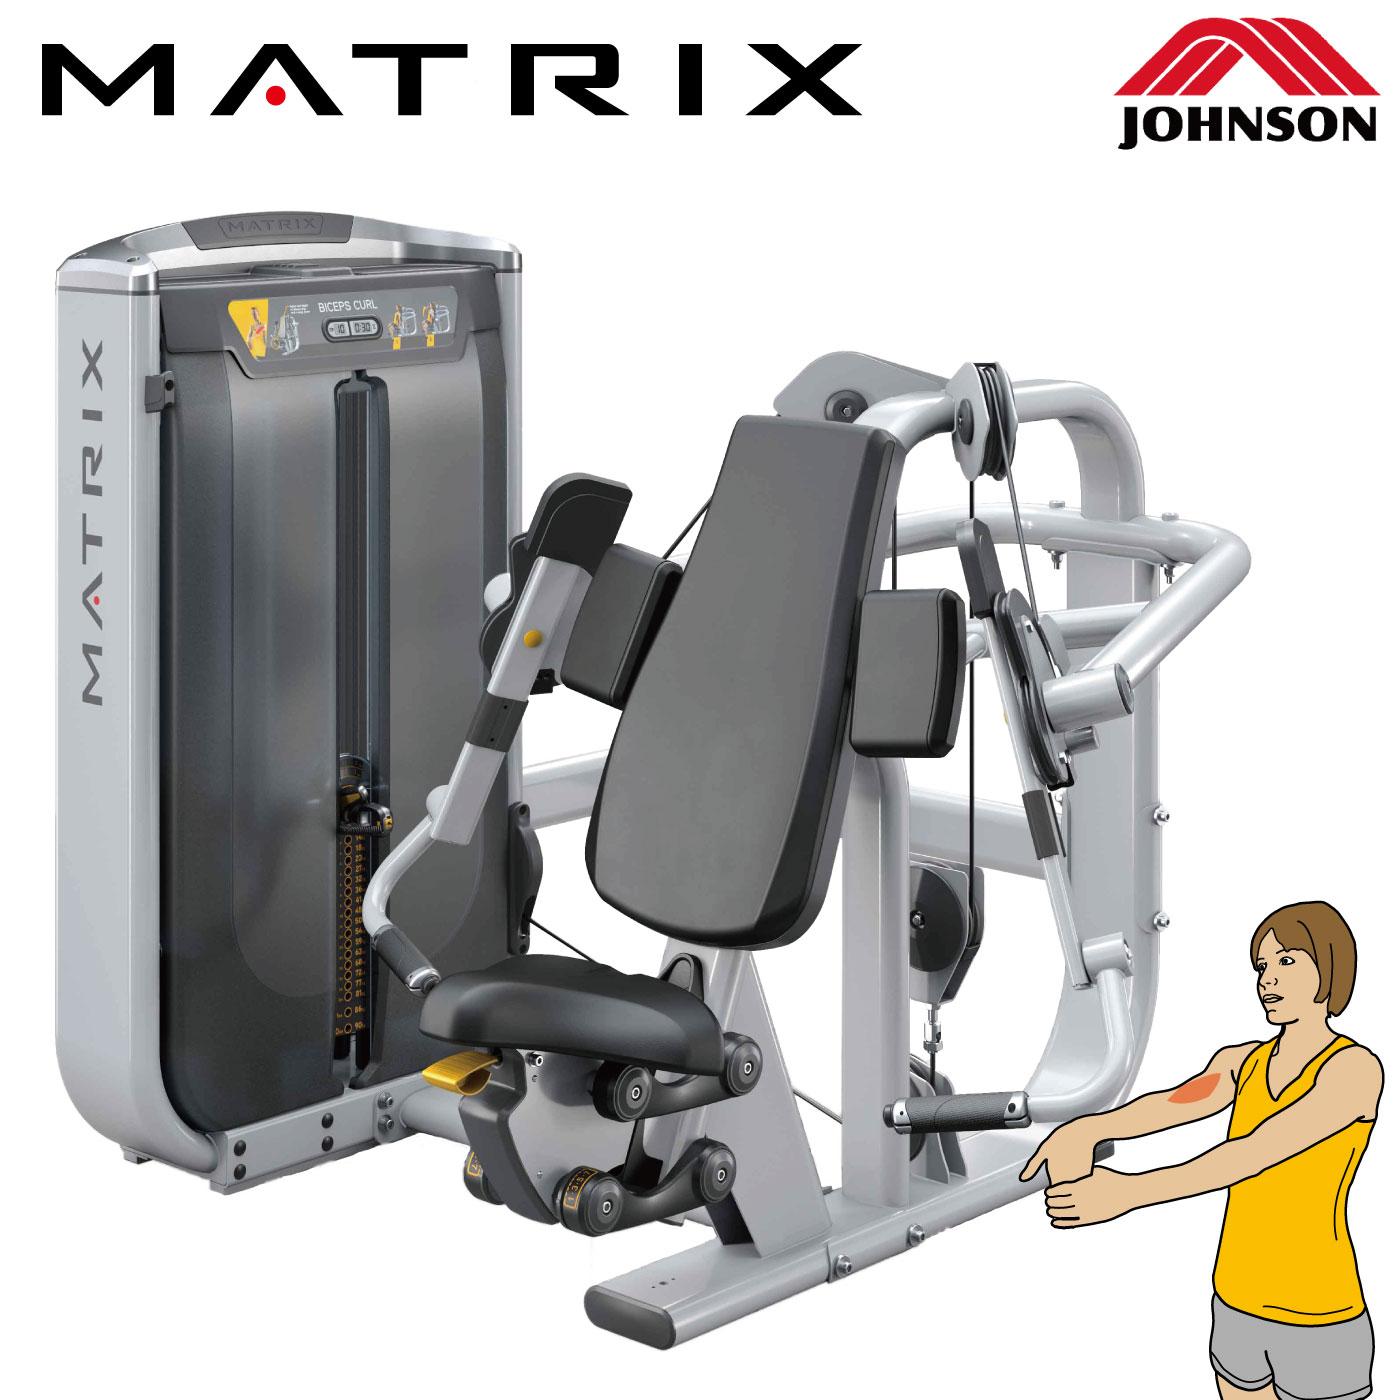 G7-S40-V2(バイセプスカール)〈アルトラV2シリーズ〉/業務用ストレングスマシン〈業務用MATRIX〉《ジョンソンヘルステック》